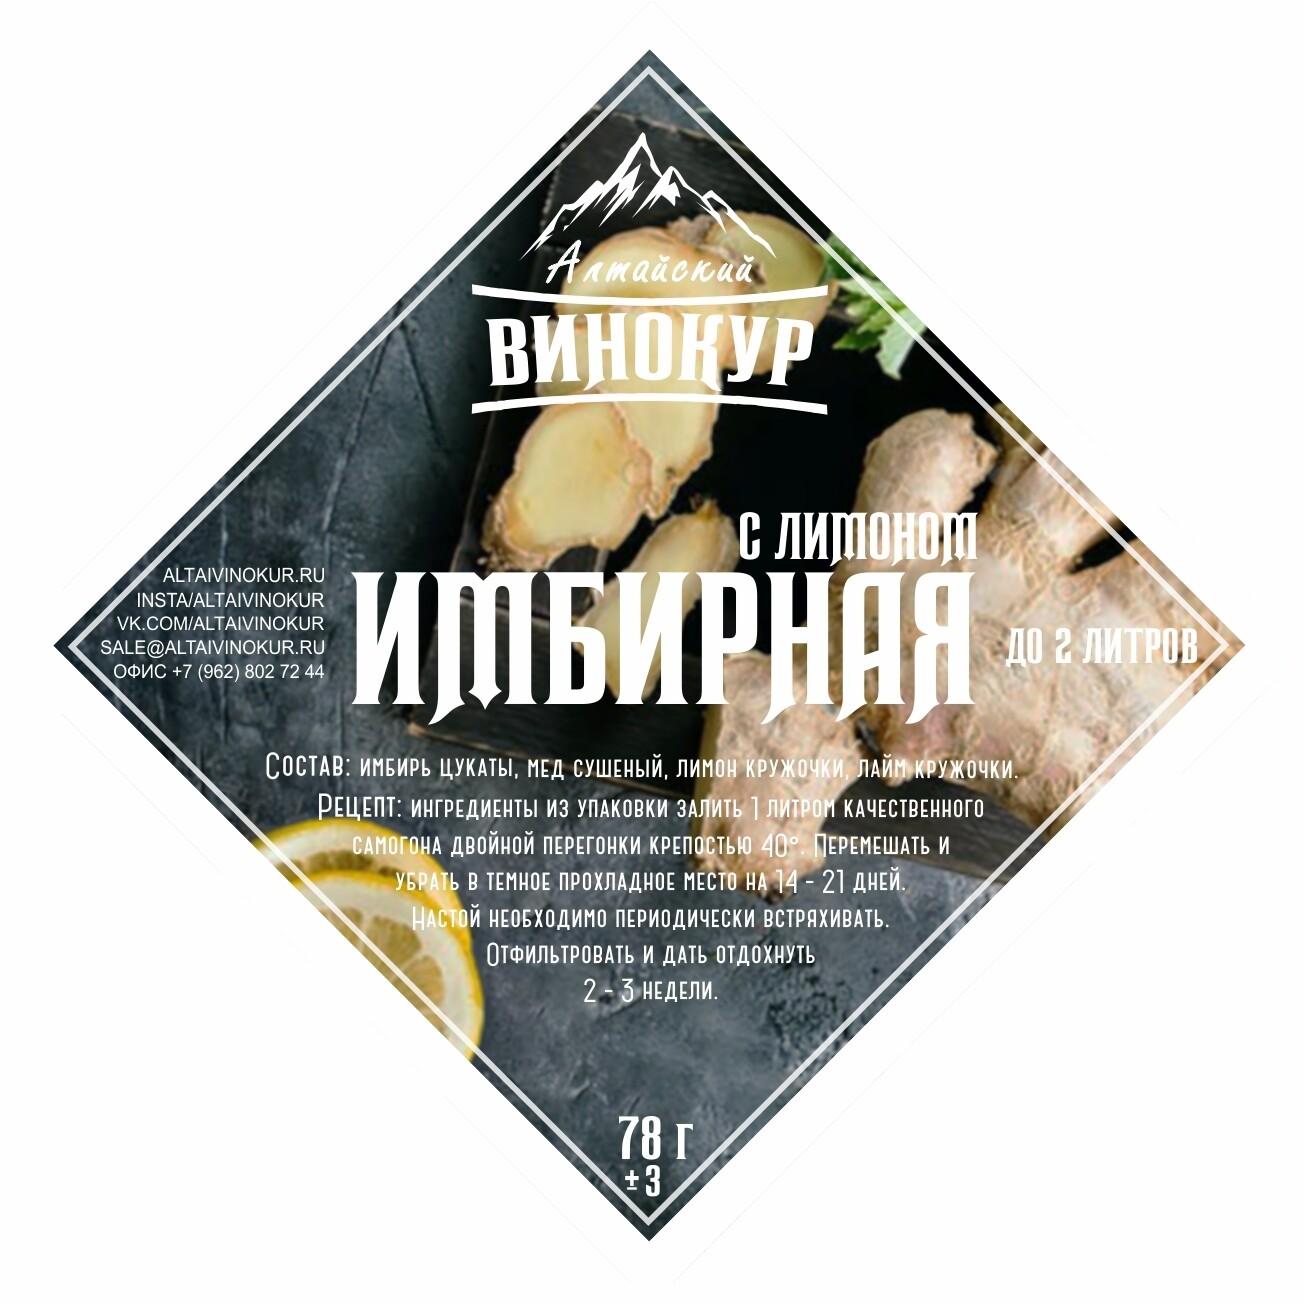 Имбирная с лимоном   Набор трав и пряностей